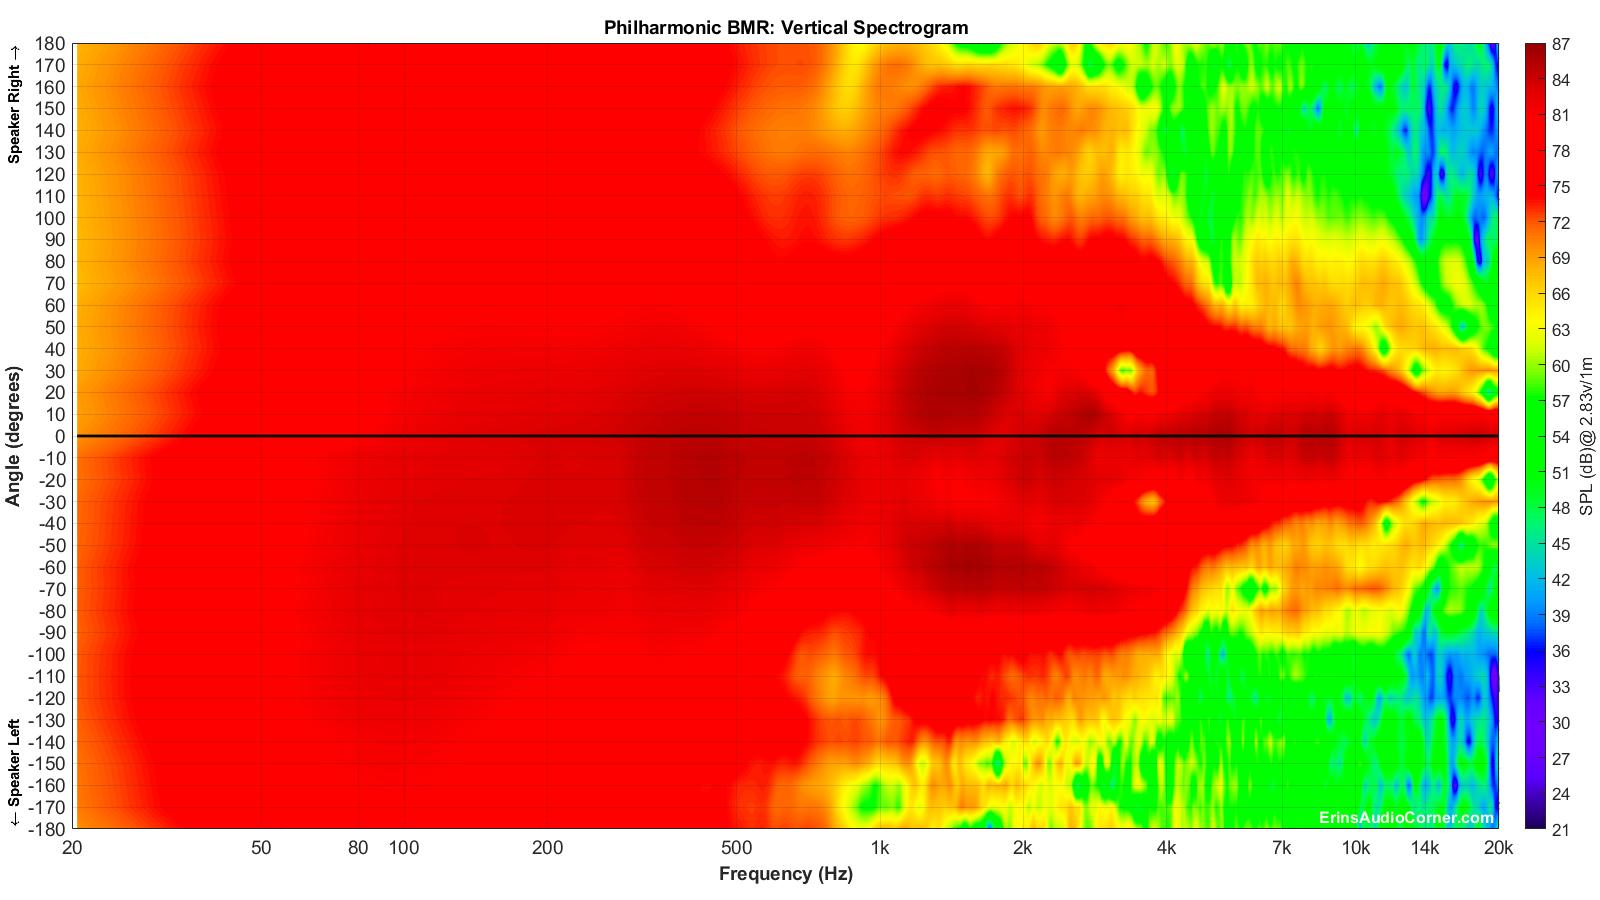 Philharmonic%20BMR_Vertical_Spectrogram_Full.png